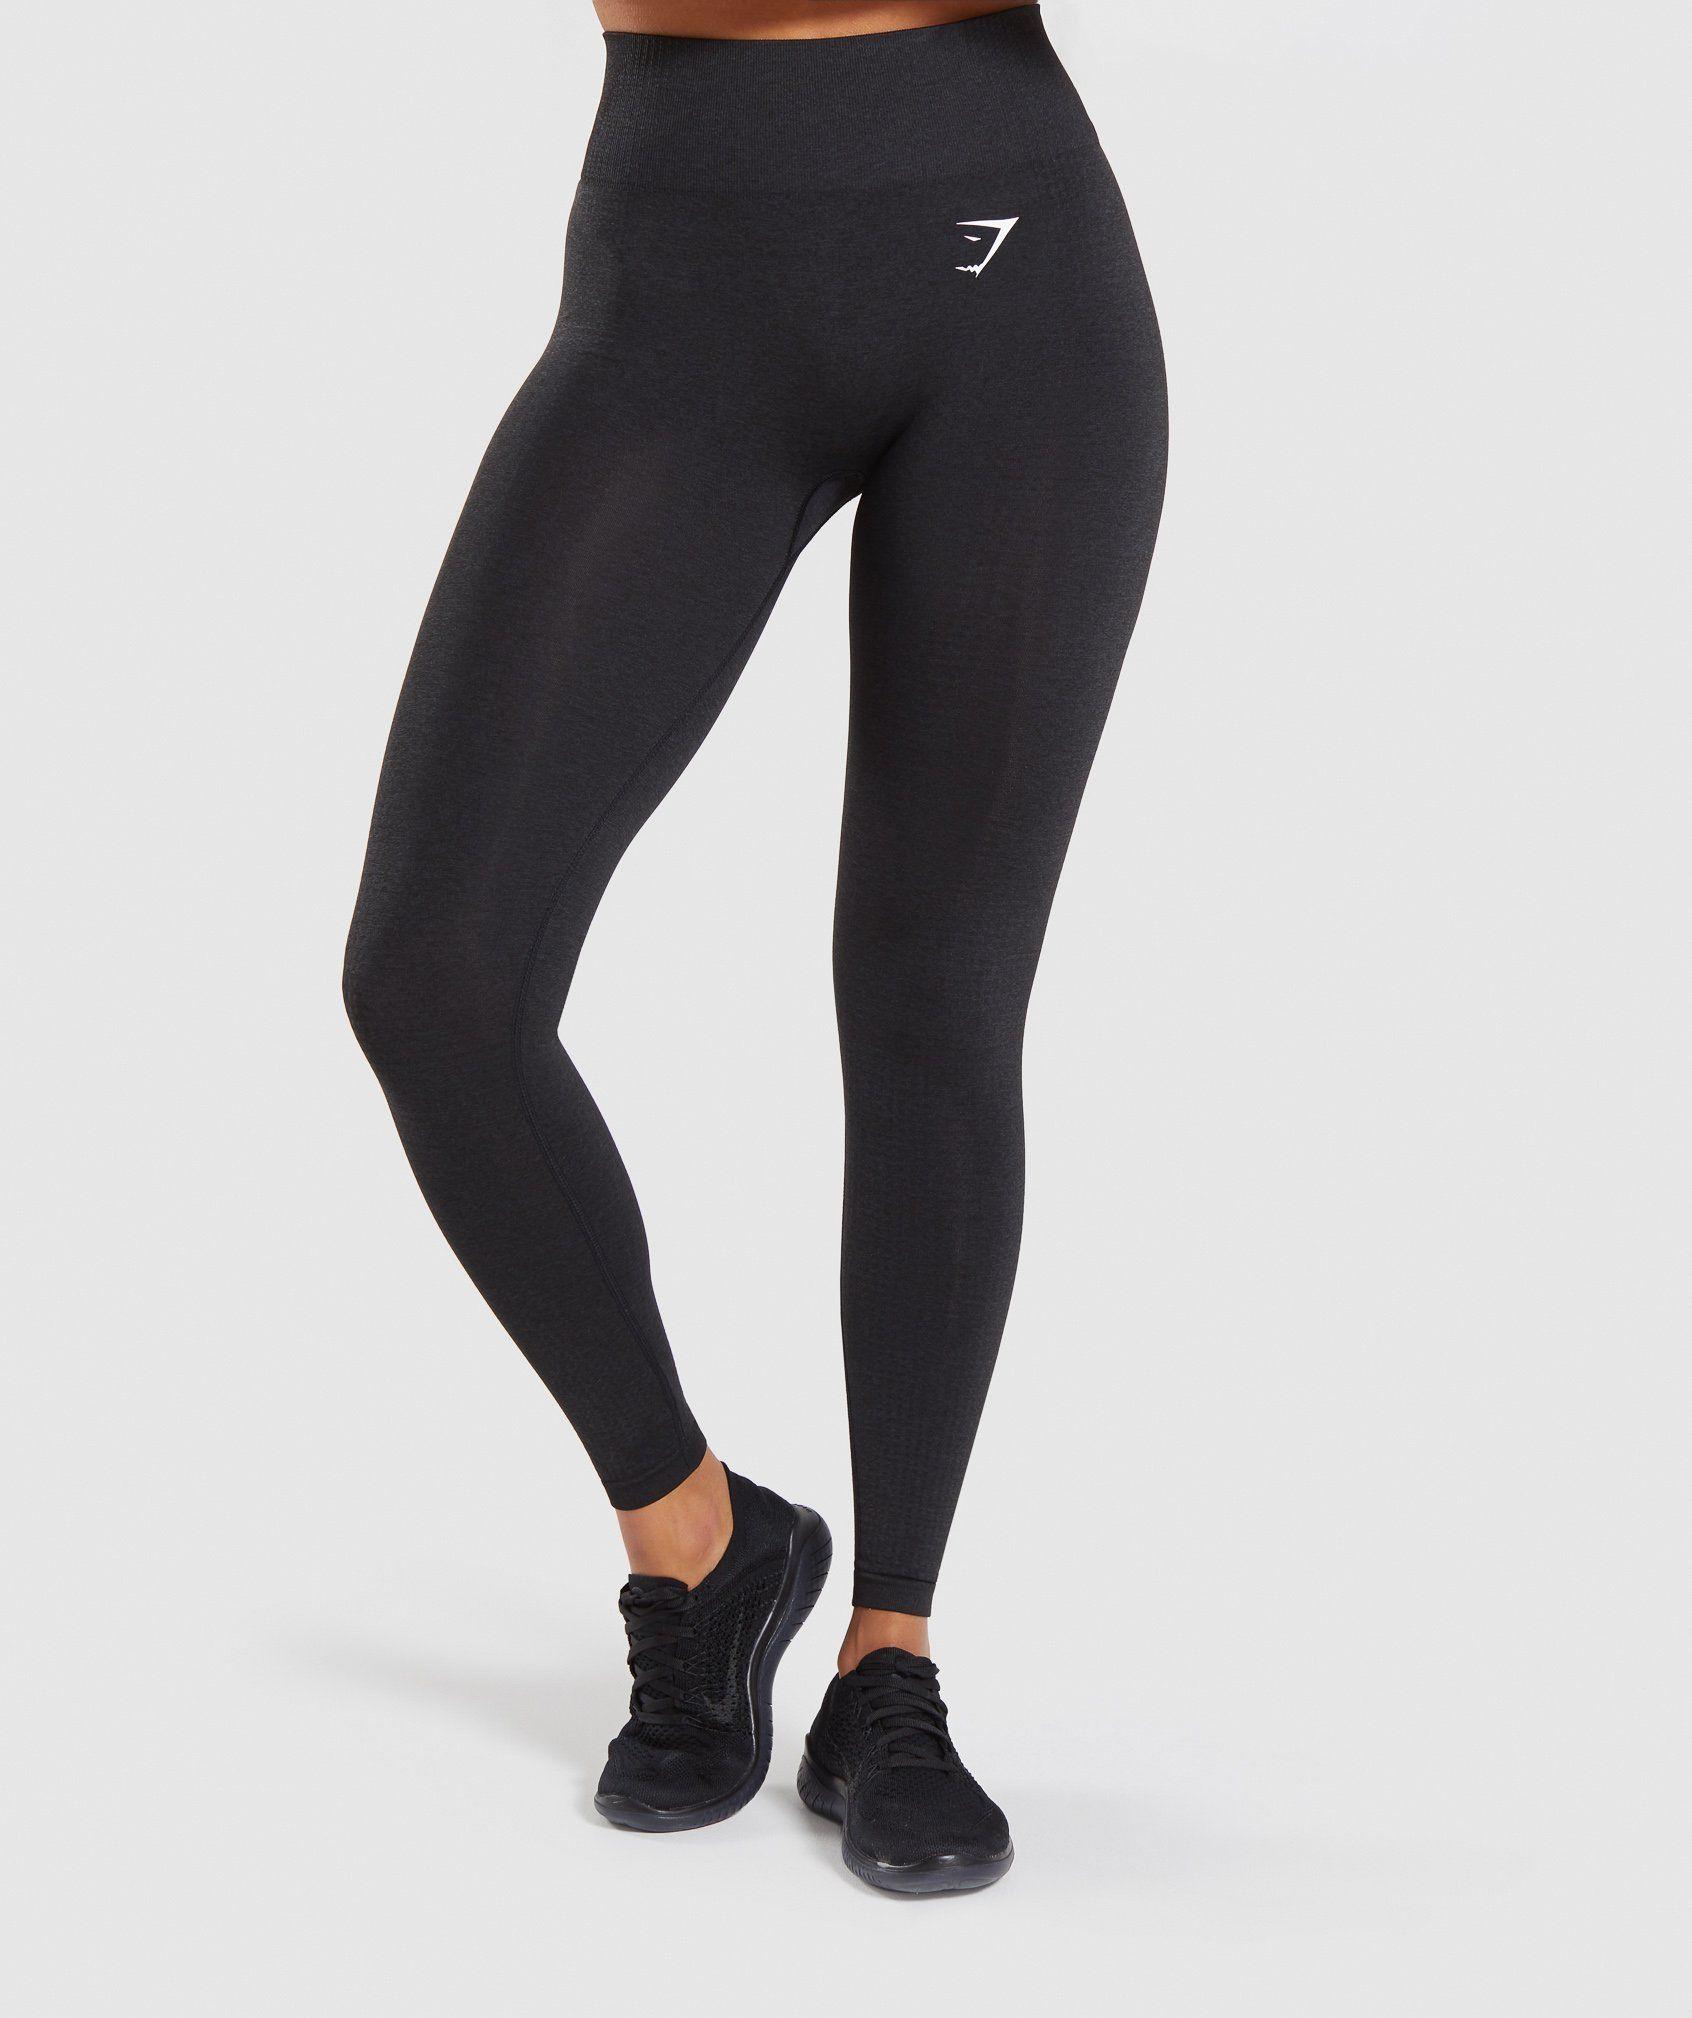 Gymshark Dreamy Leggings 2.0 Black Seamless leggings